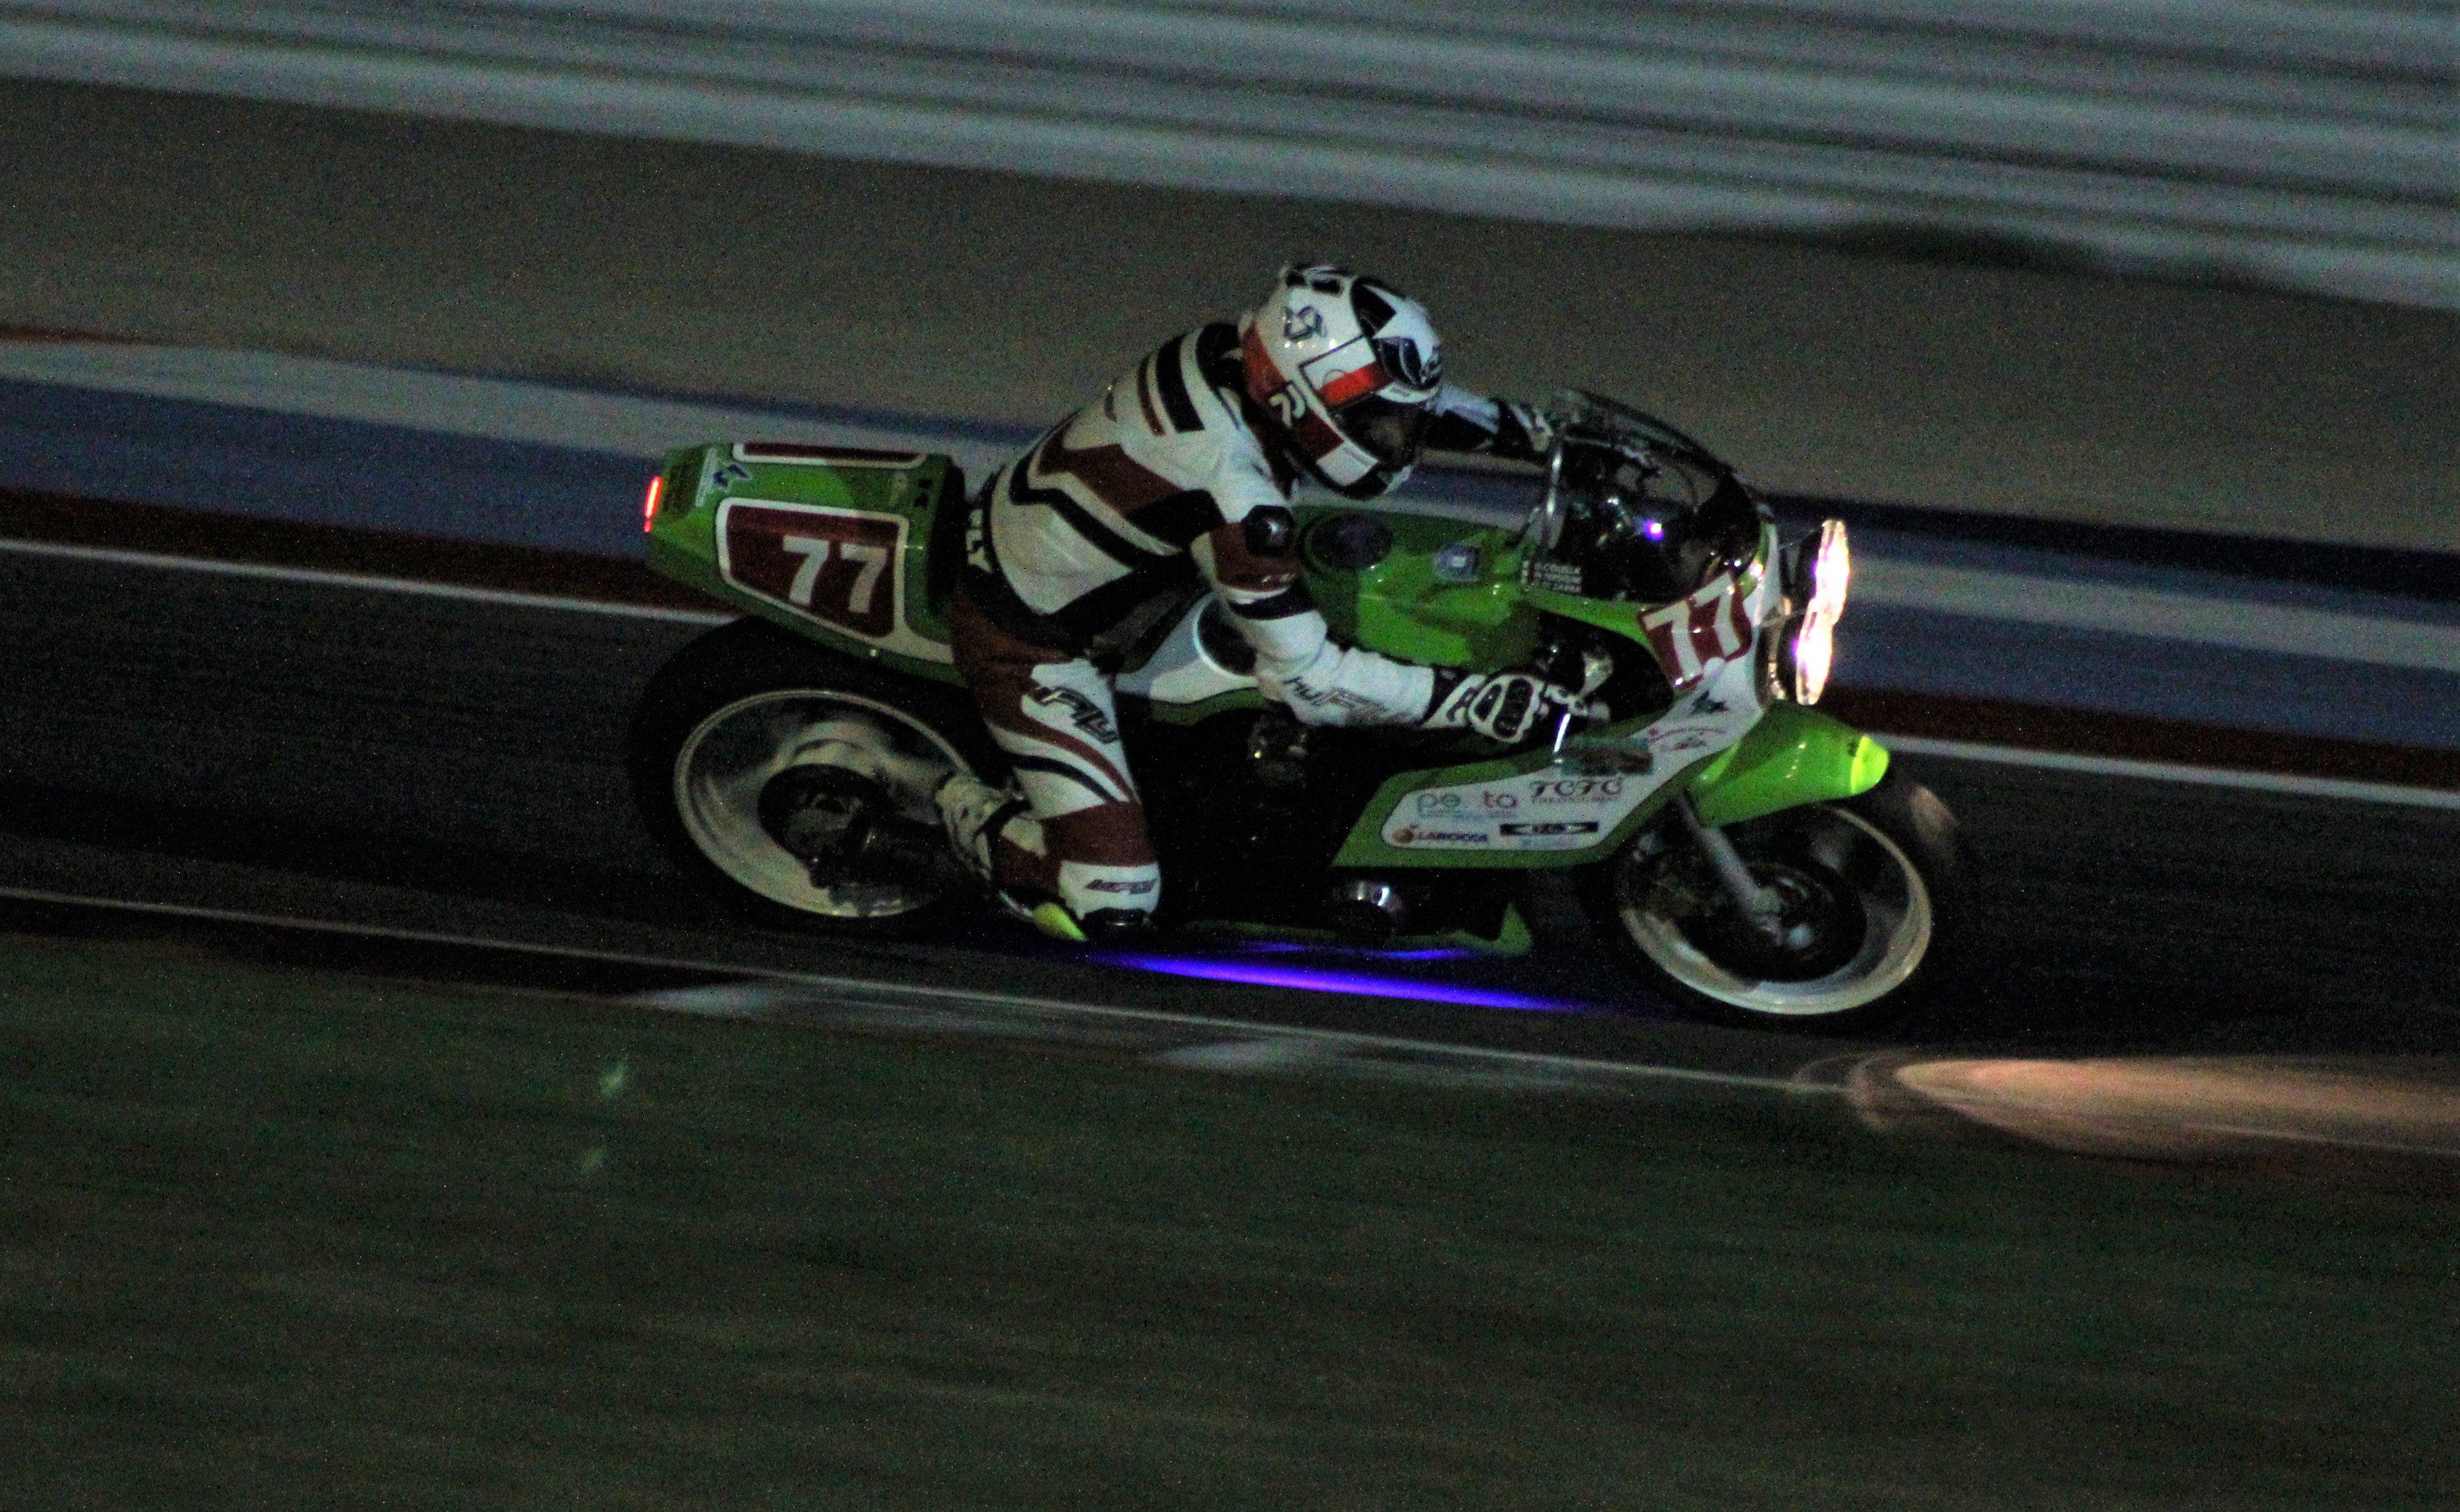 MotoGP, TV8: lassenza di Rossi a Misano non incide sugli